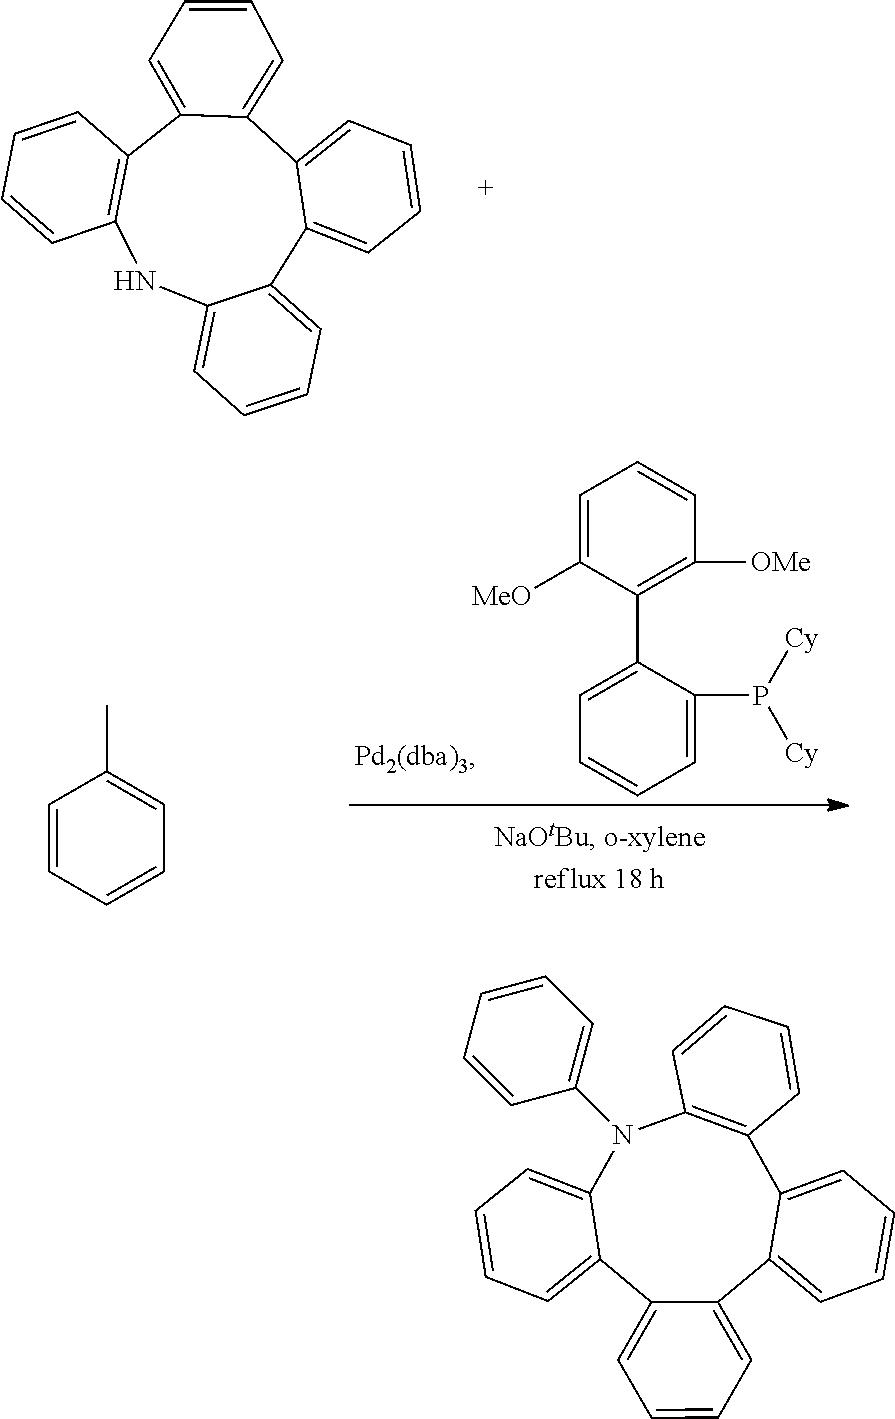 Figure US09978956-20180522-C00109